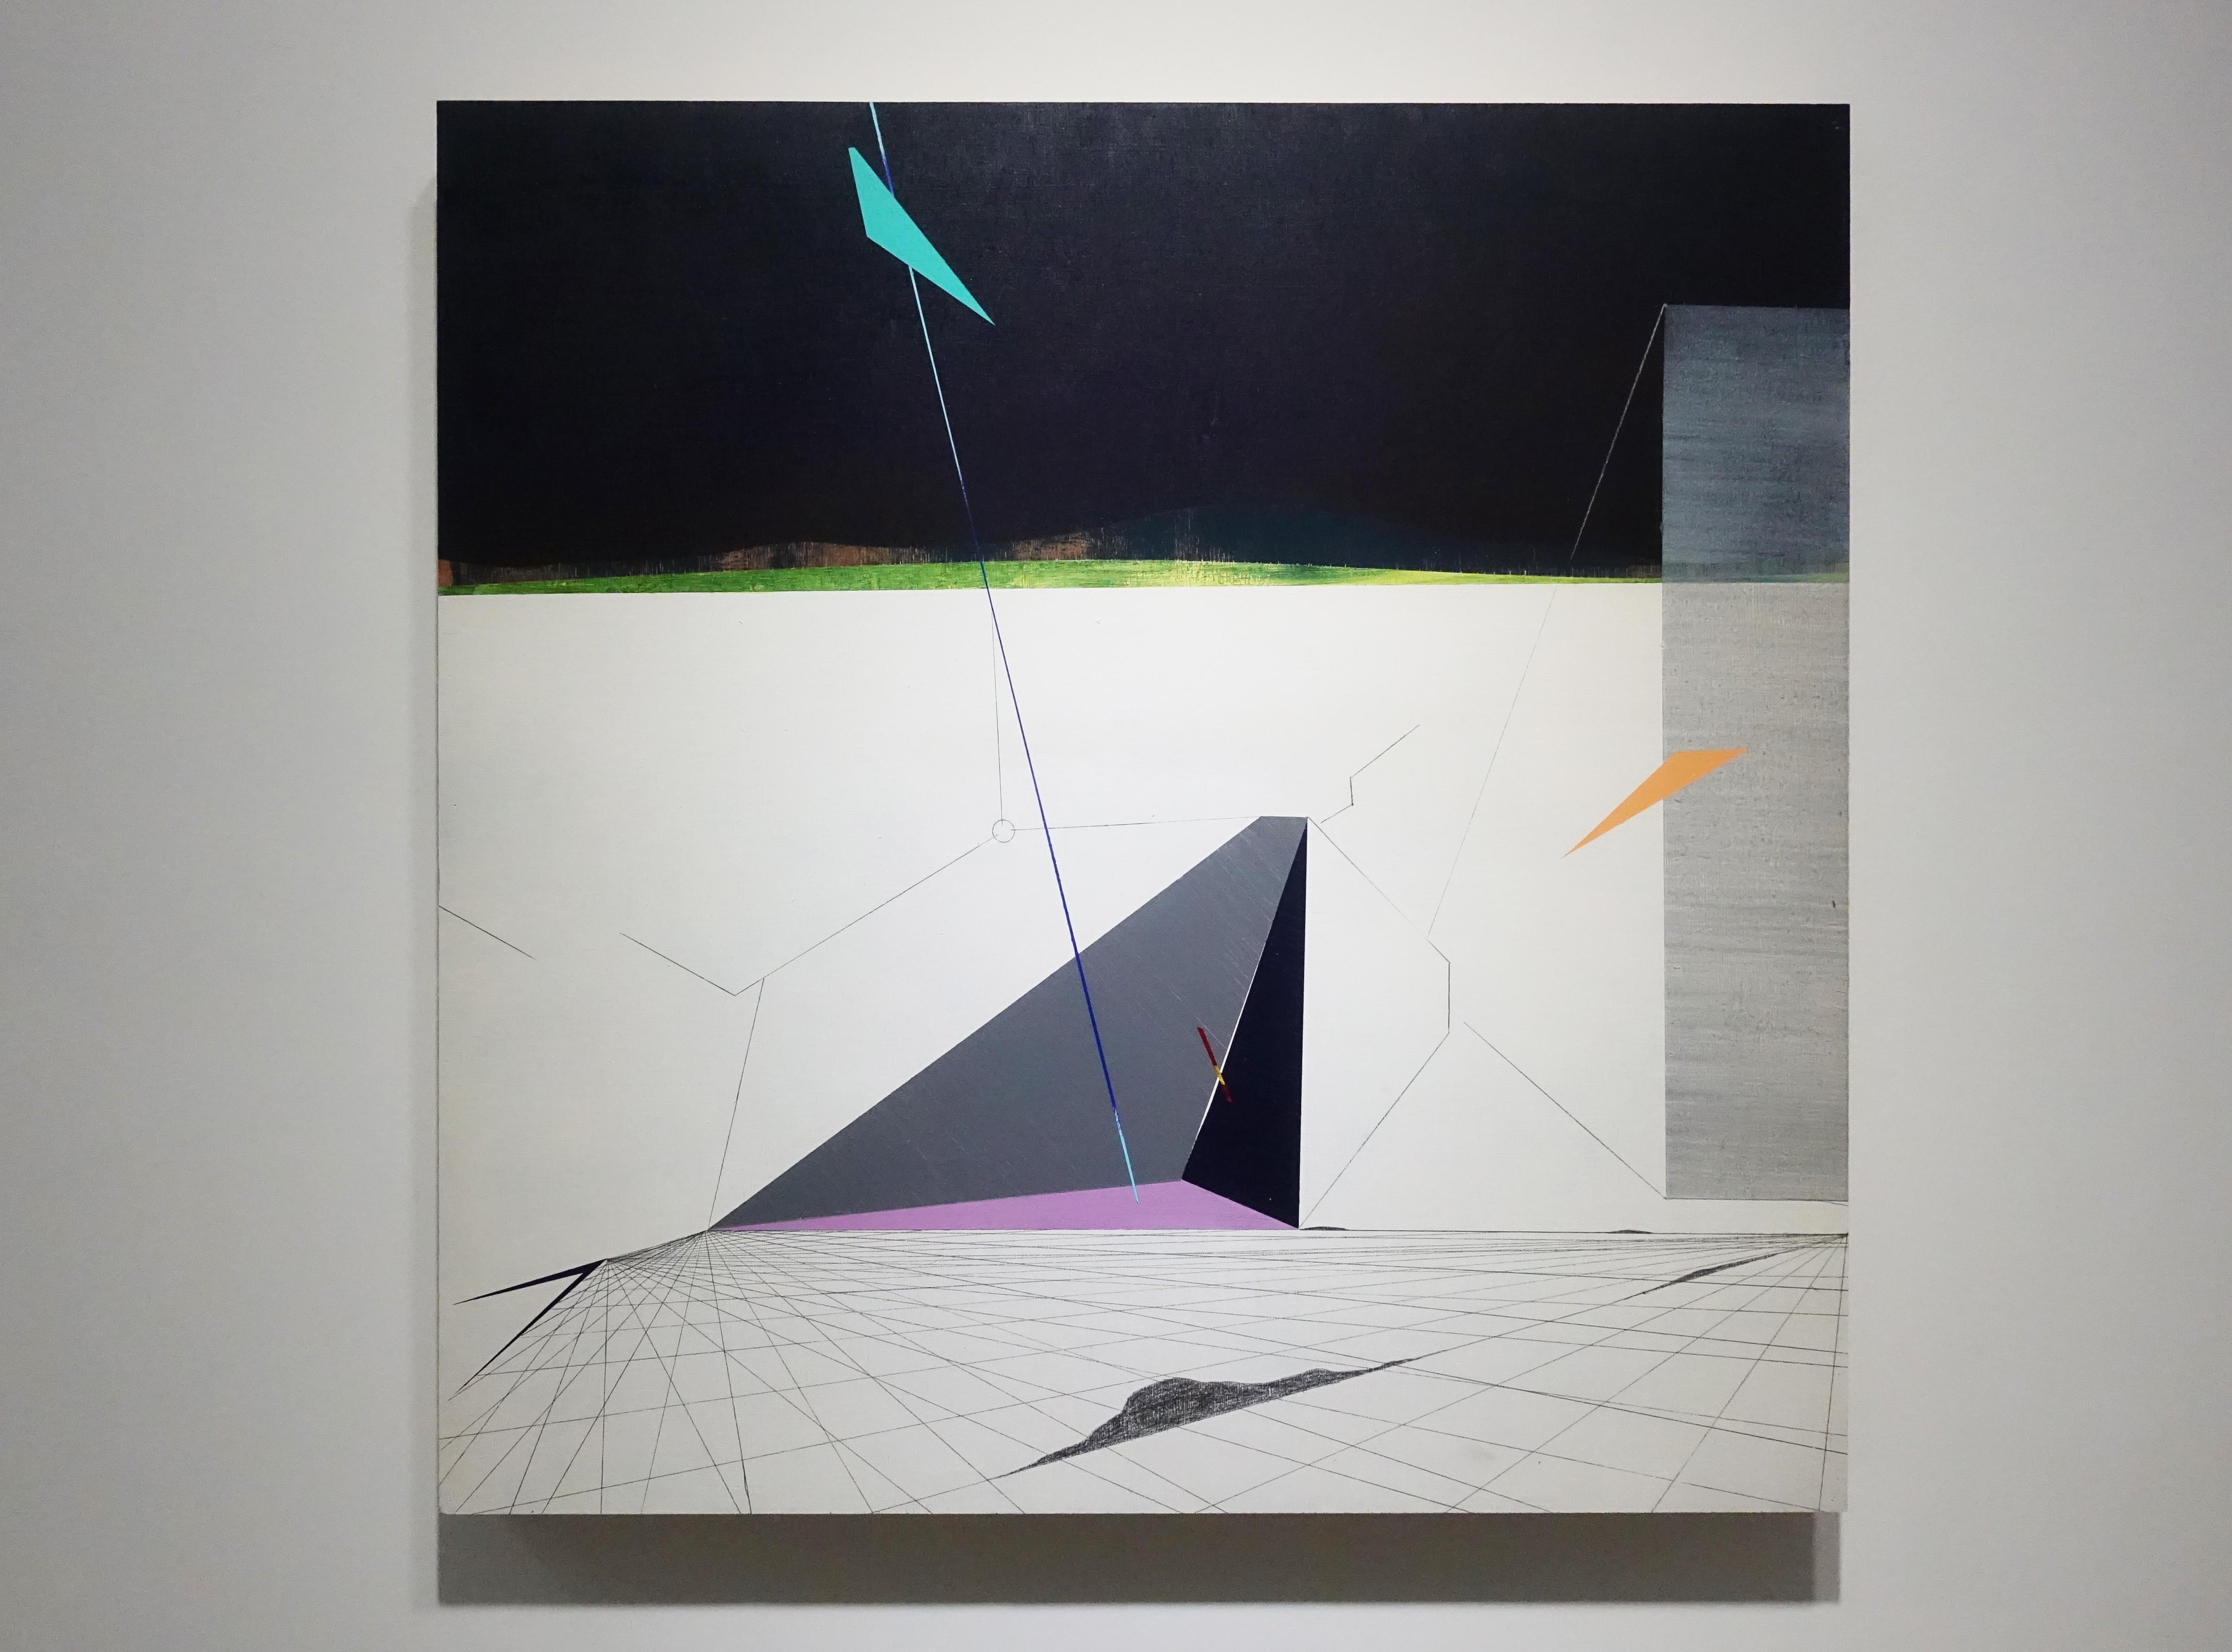 張獻文,《移植∞繁殖計畫20》,60x60x5 cm,木板、丙烯酸顏料、炭精筆、鉛筆,2019。